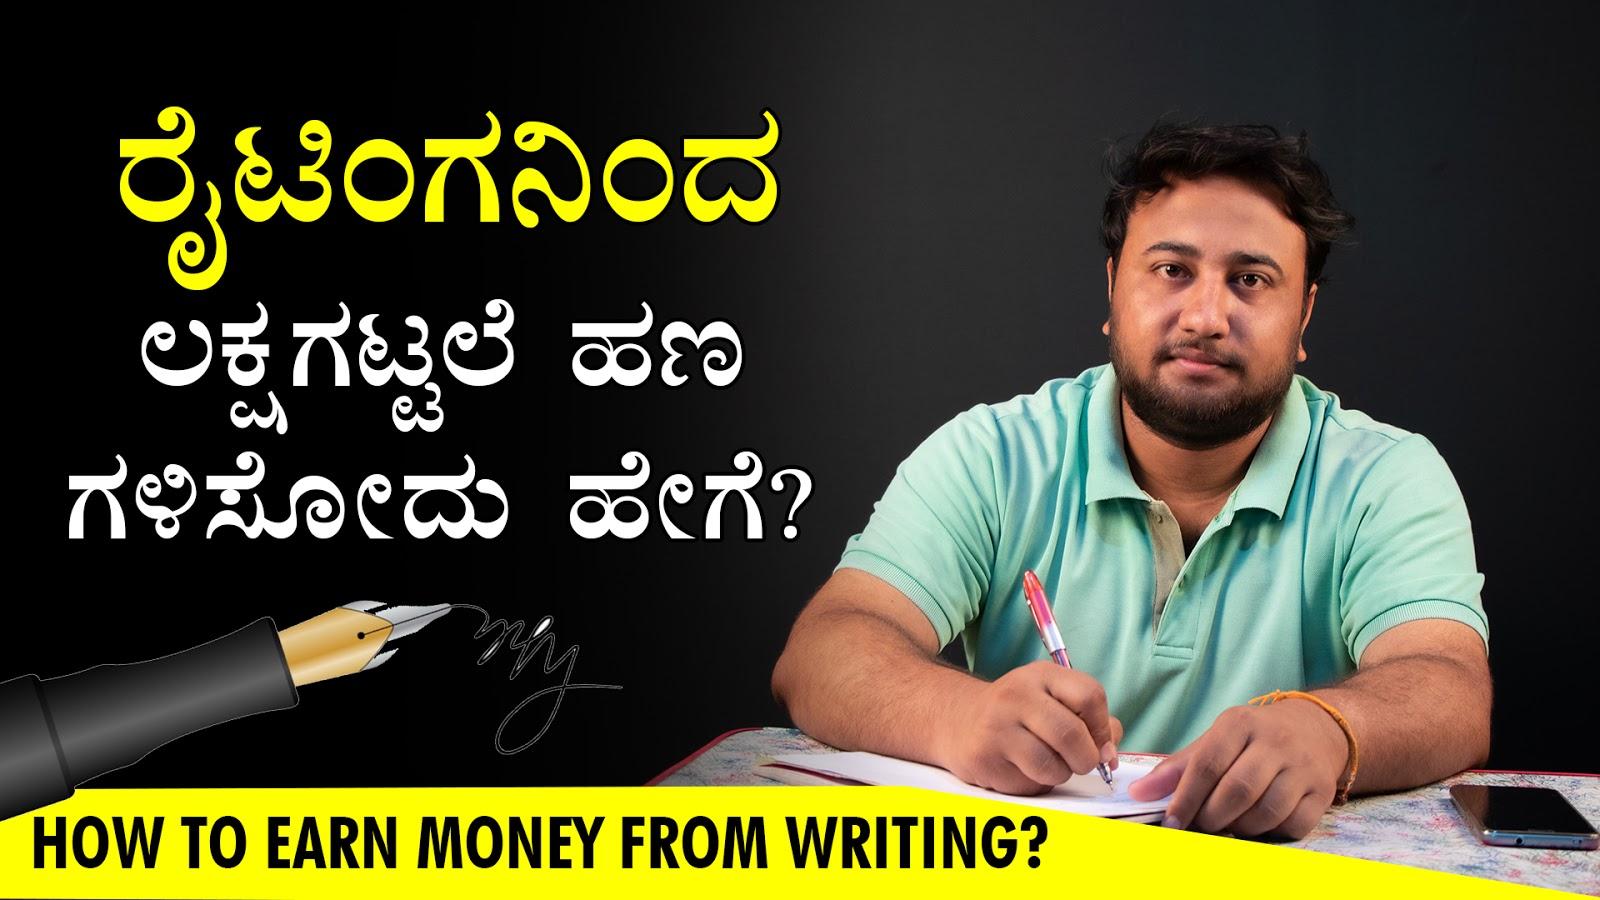 ರೈಟಿಂಗನಿಂದ ಲಕ್ಷಗಟ್ಟಲೆ ಹಣ ಗಳಿಸೋದು ಹೇಗೆ? - How to Earn Money from Writing? in Kannada - Kannada Blog